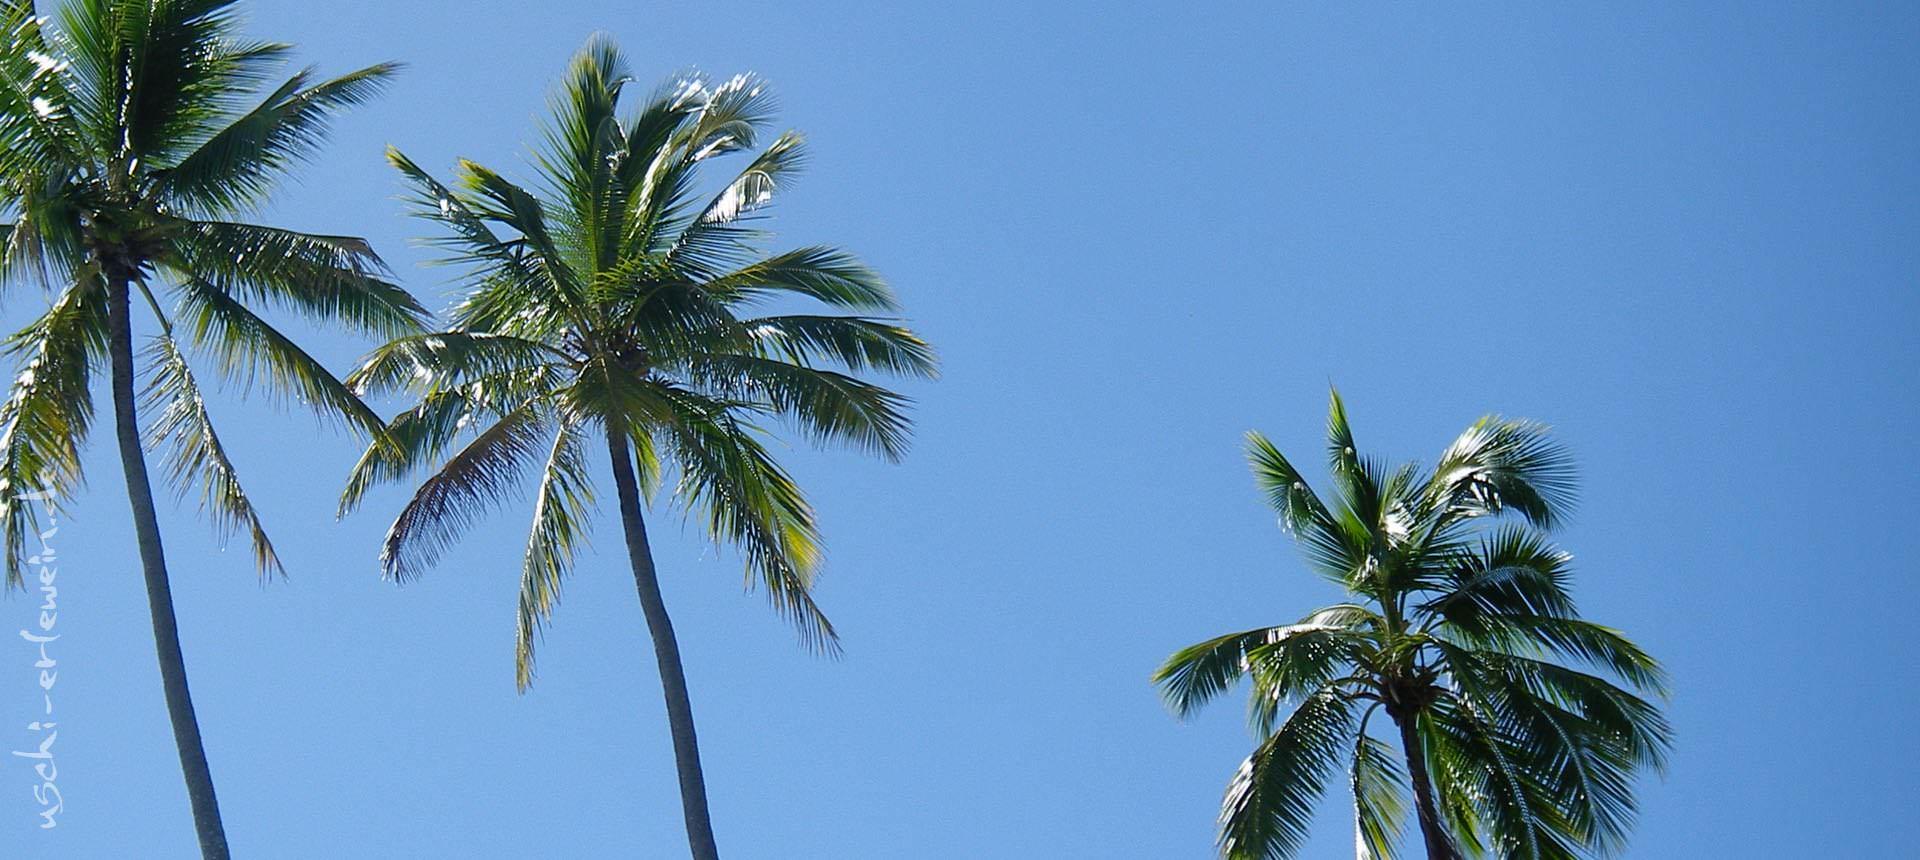 Portfoliofoto: Ohrblüten und Wellentanz - Geschichtenerzählen trifft auf Südseetänze